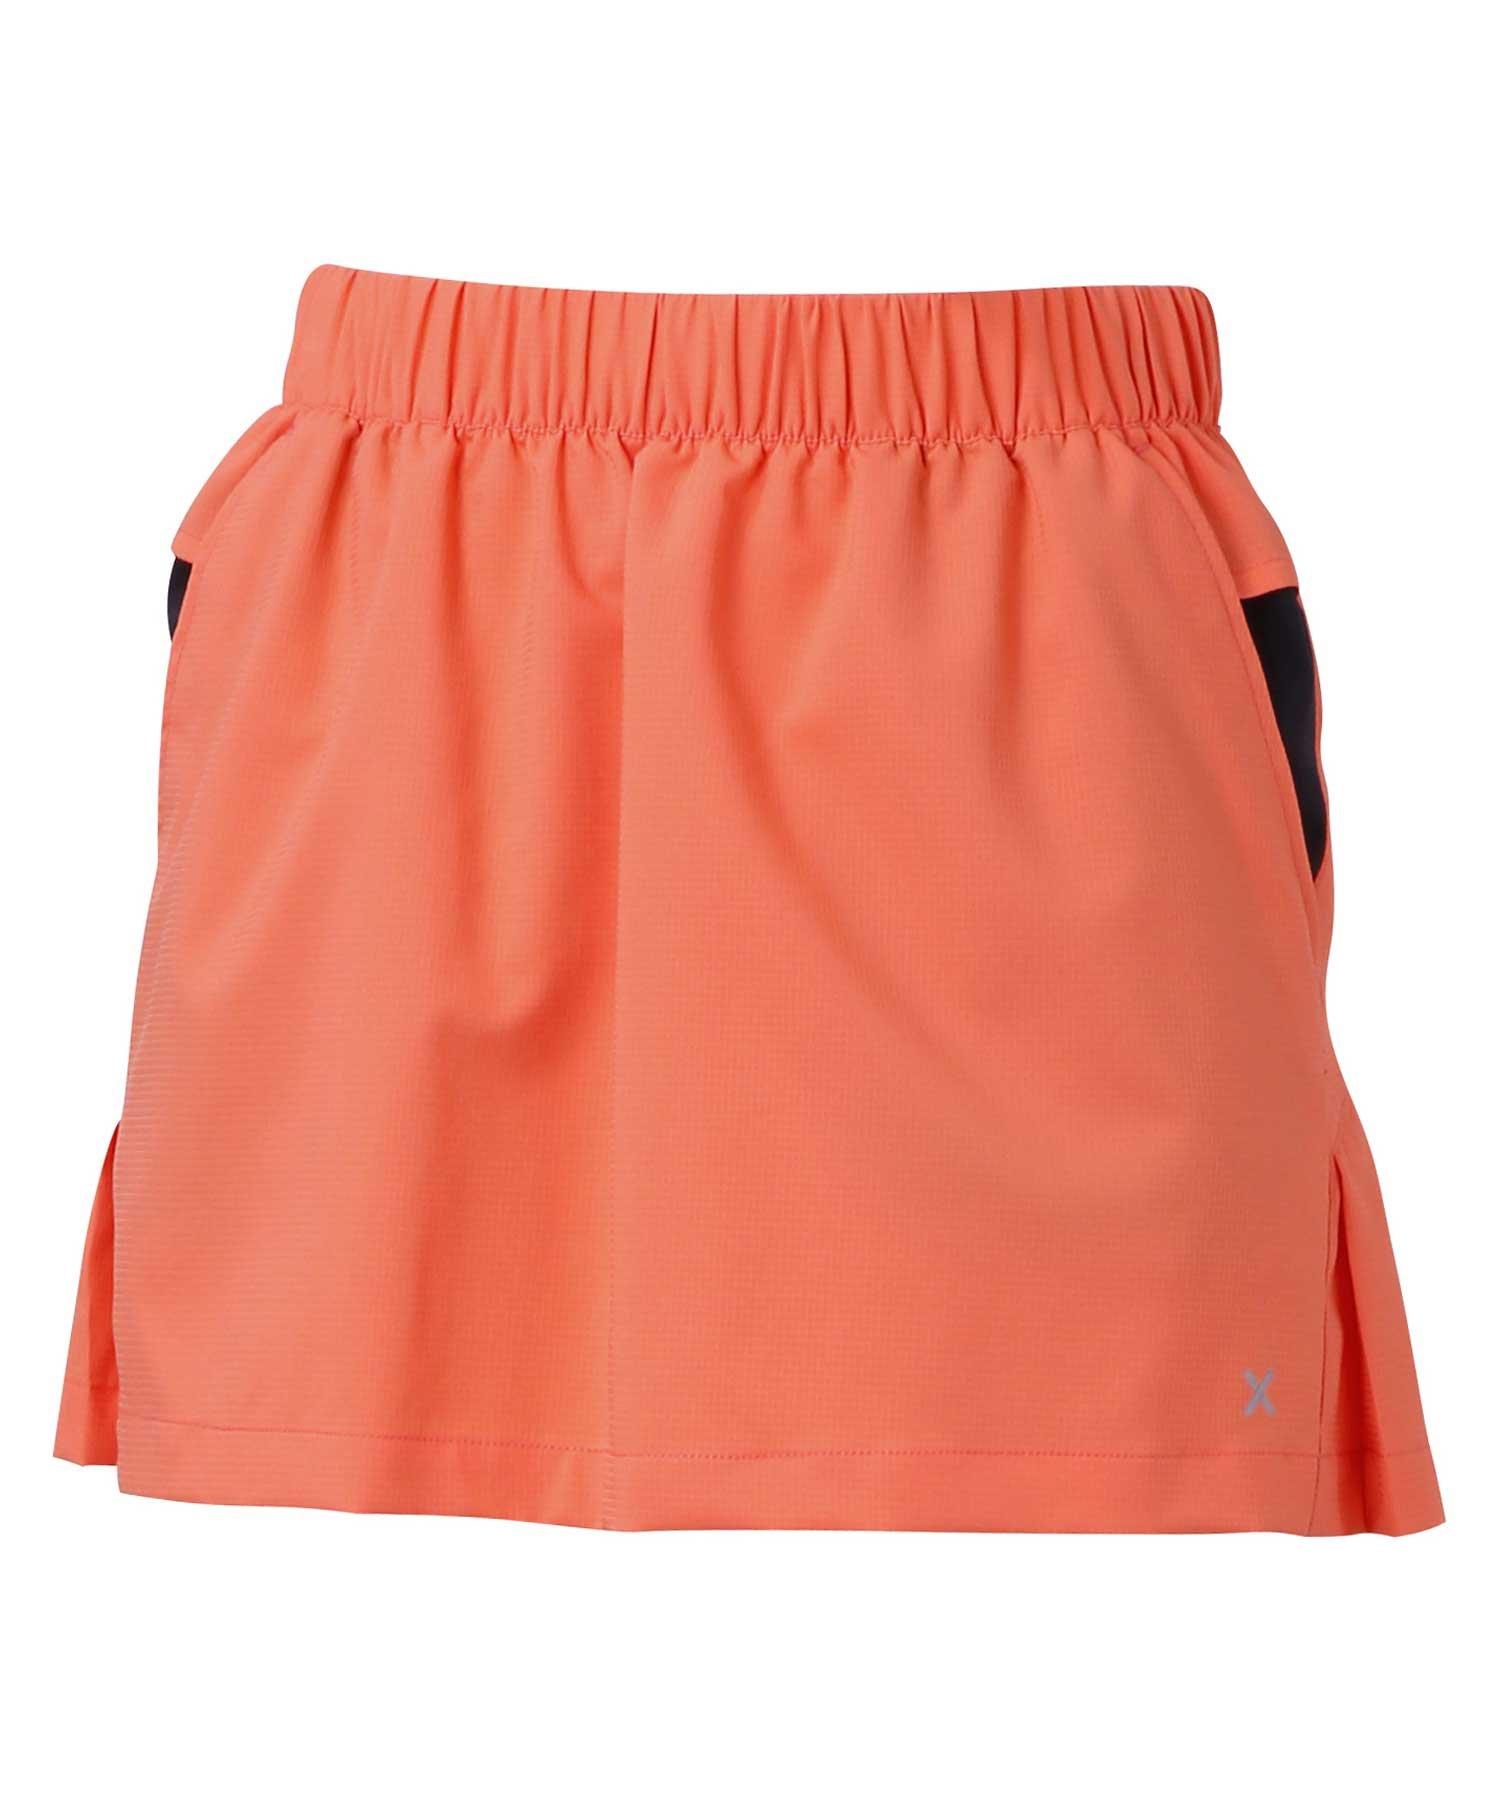 ランニングスカート